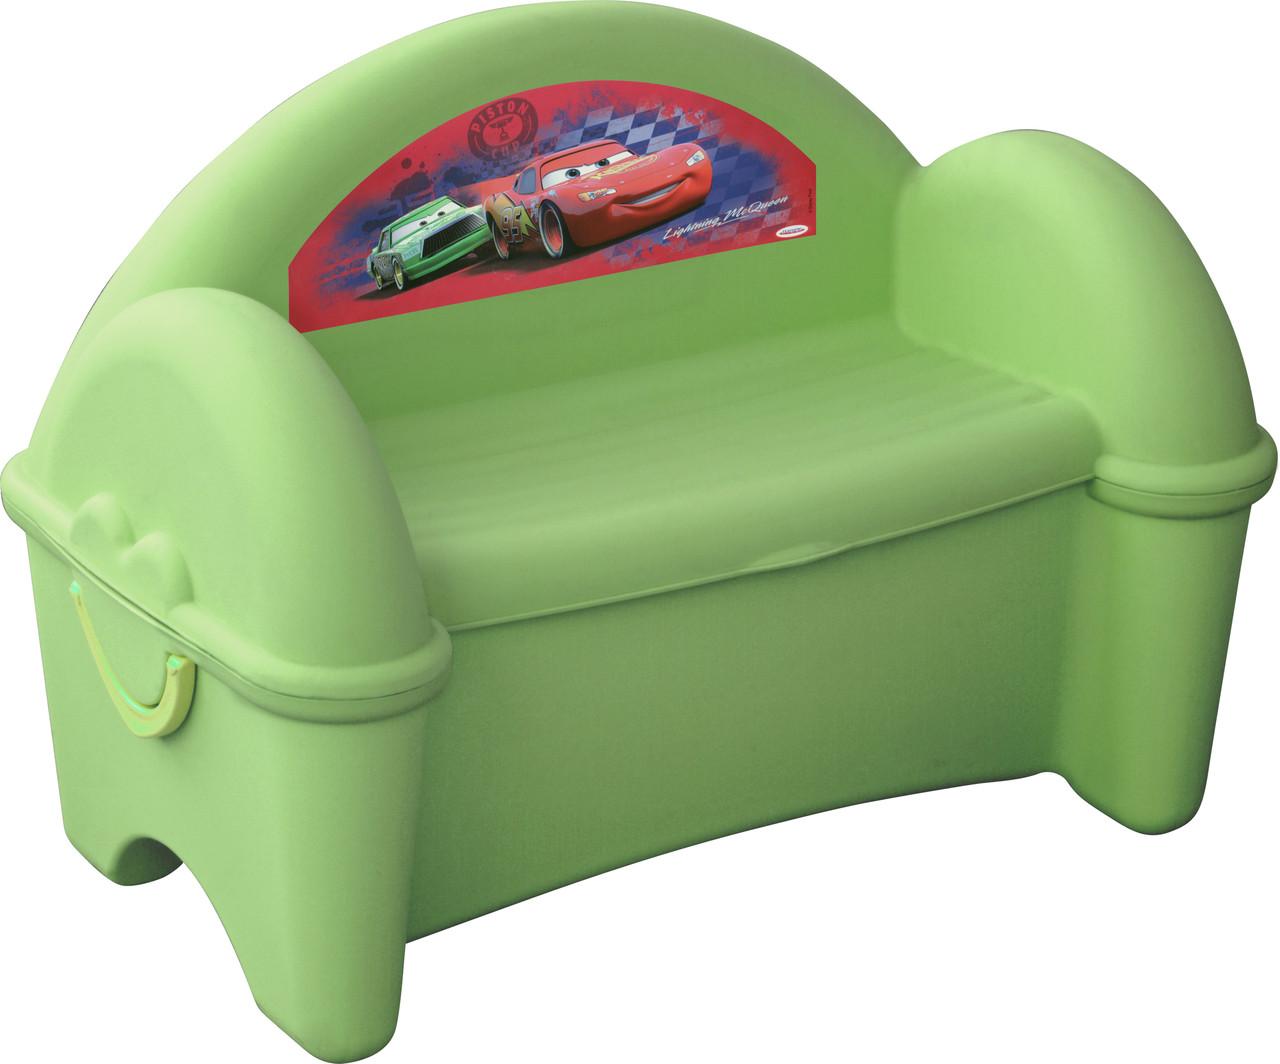 Лавка - сундук для детей  PalPlay  для хранения вещей